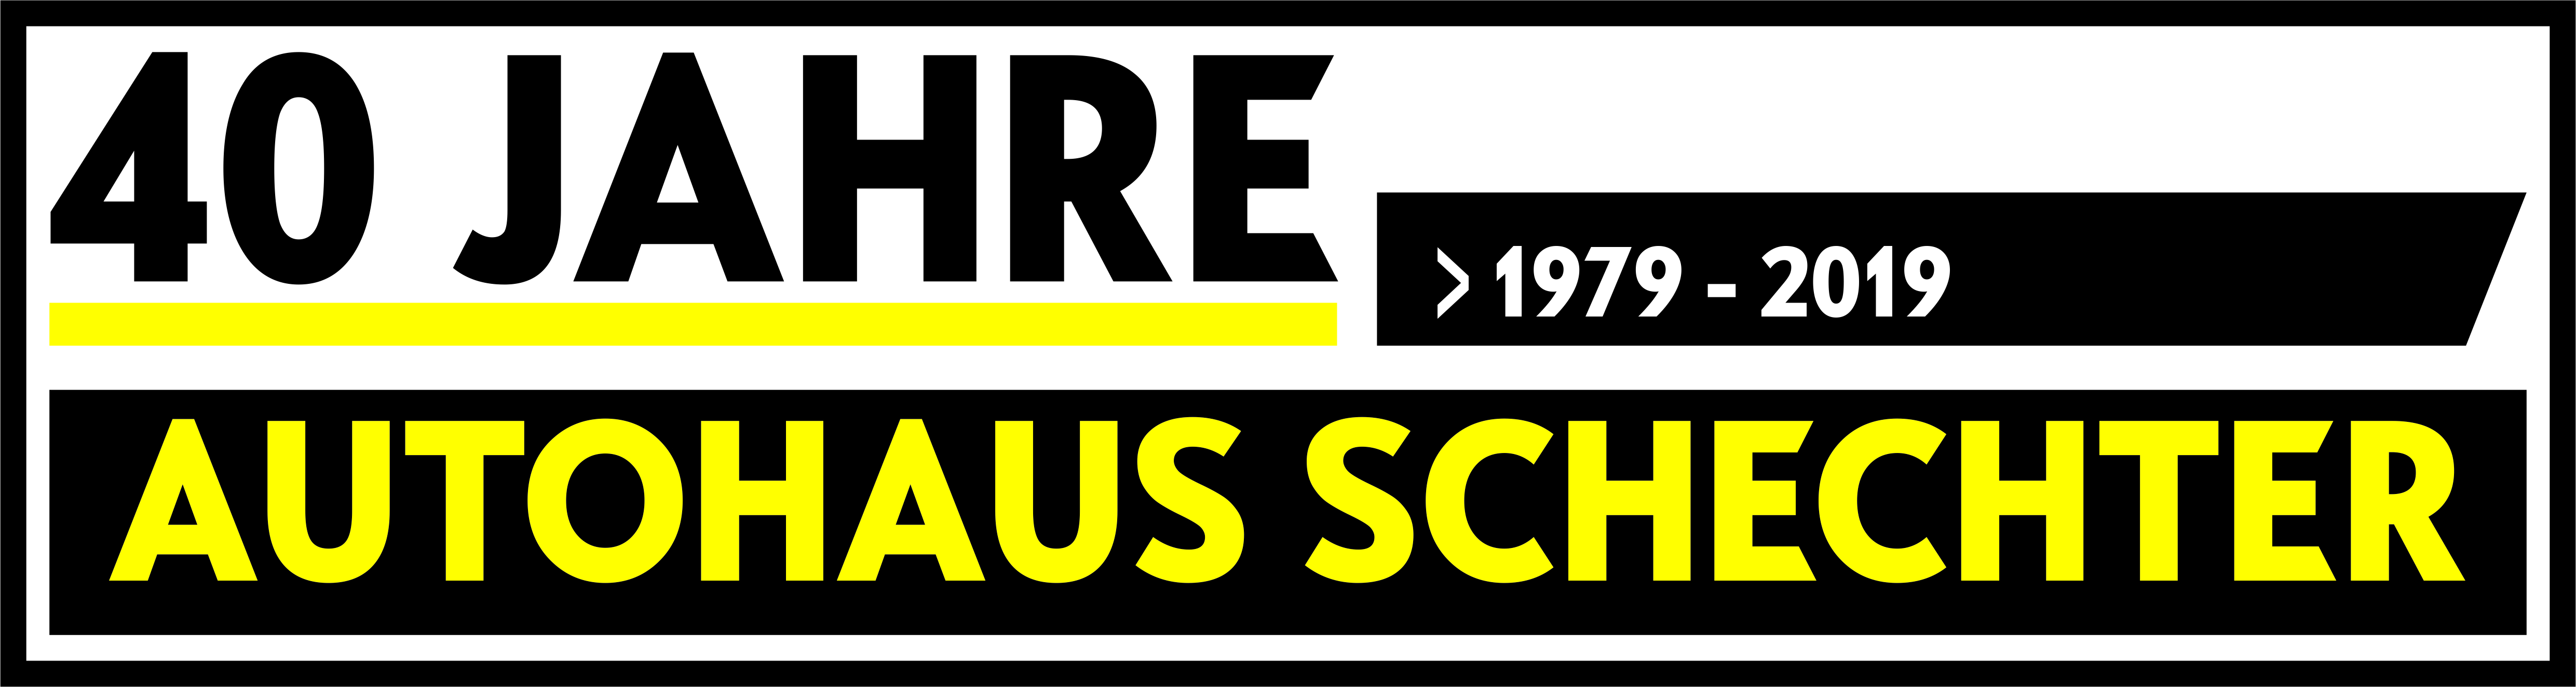 Autohaus Schechter Logo